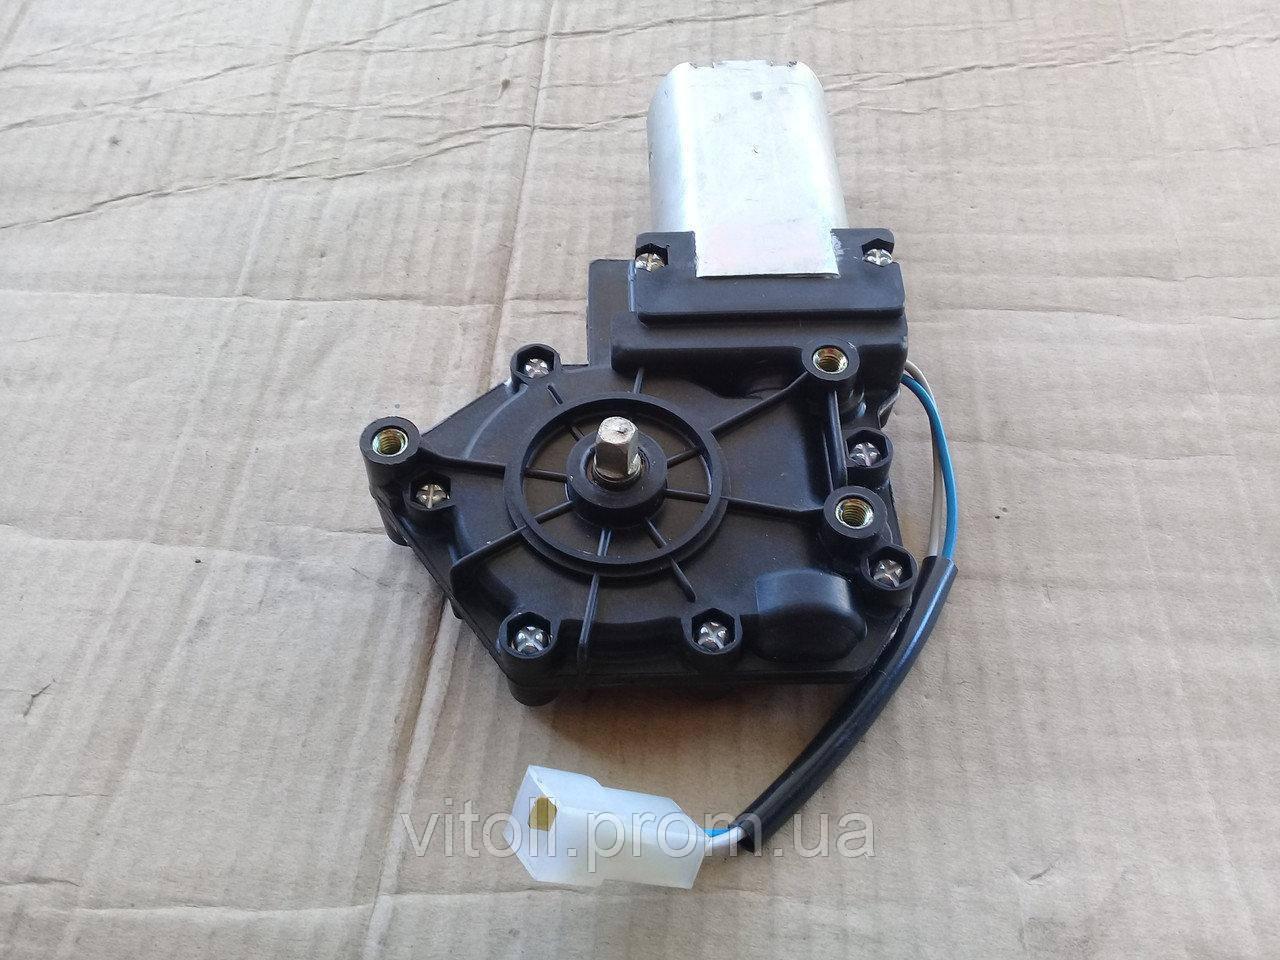 Мотор стеклоподъемника Ваз 2108, 2109, 21099 правый AURORA